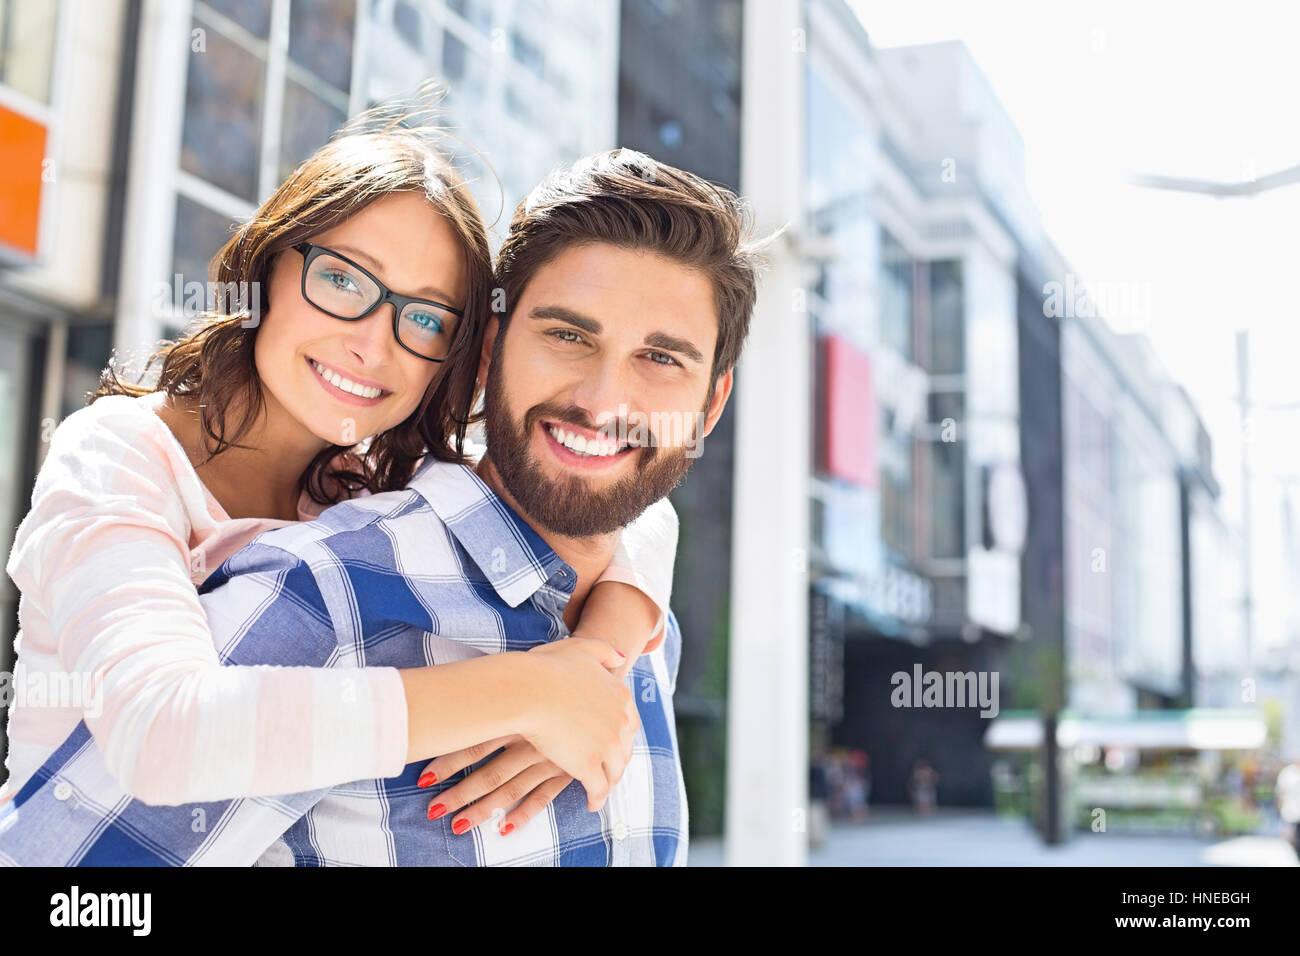 Porträt von glücklichen Menschen geben Huckepack Fahrt zur Frau in der Stadt Stockbild